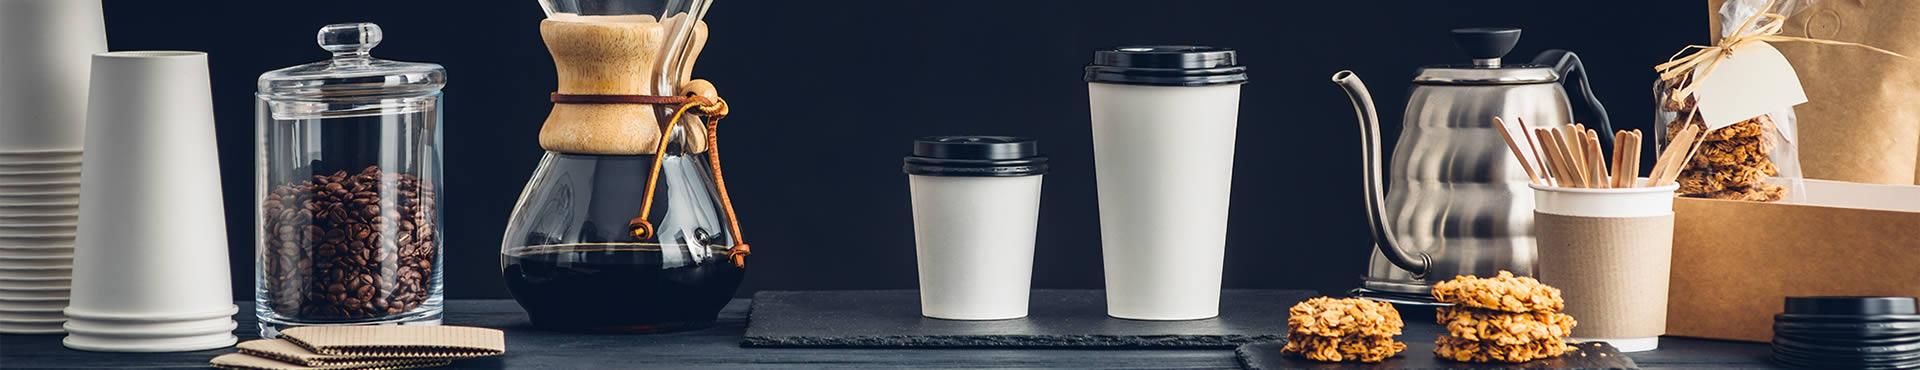 Speciality Coffee Association (SCA)